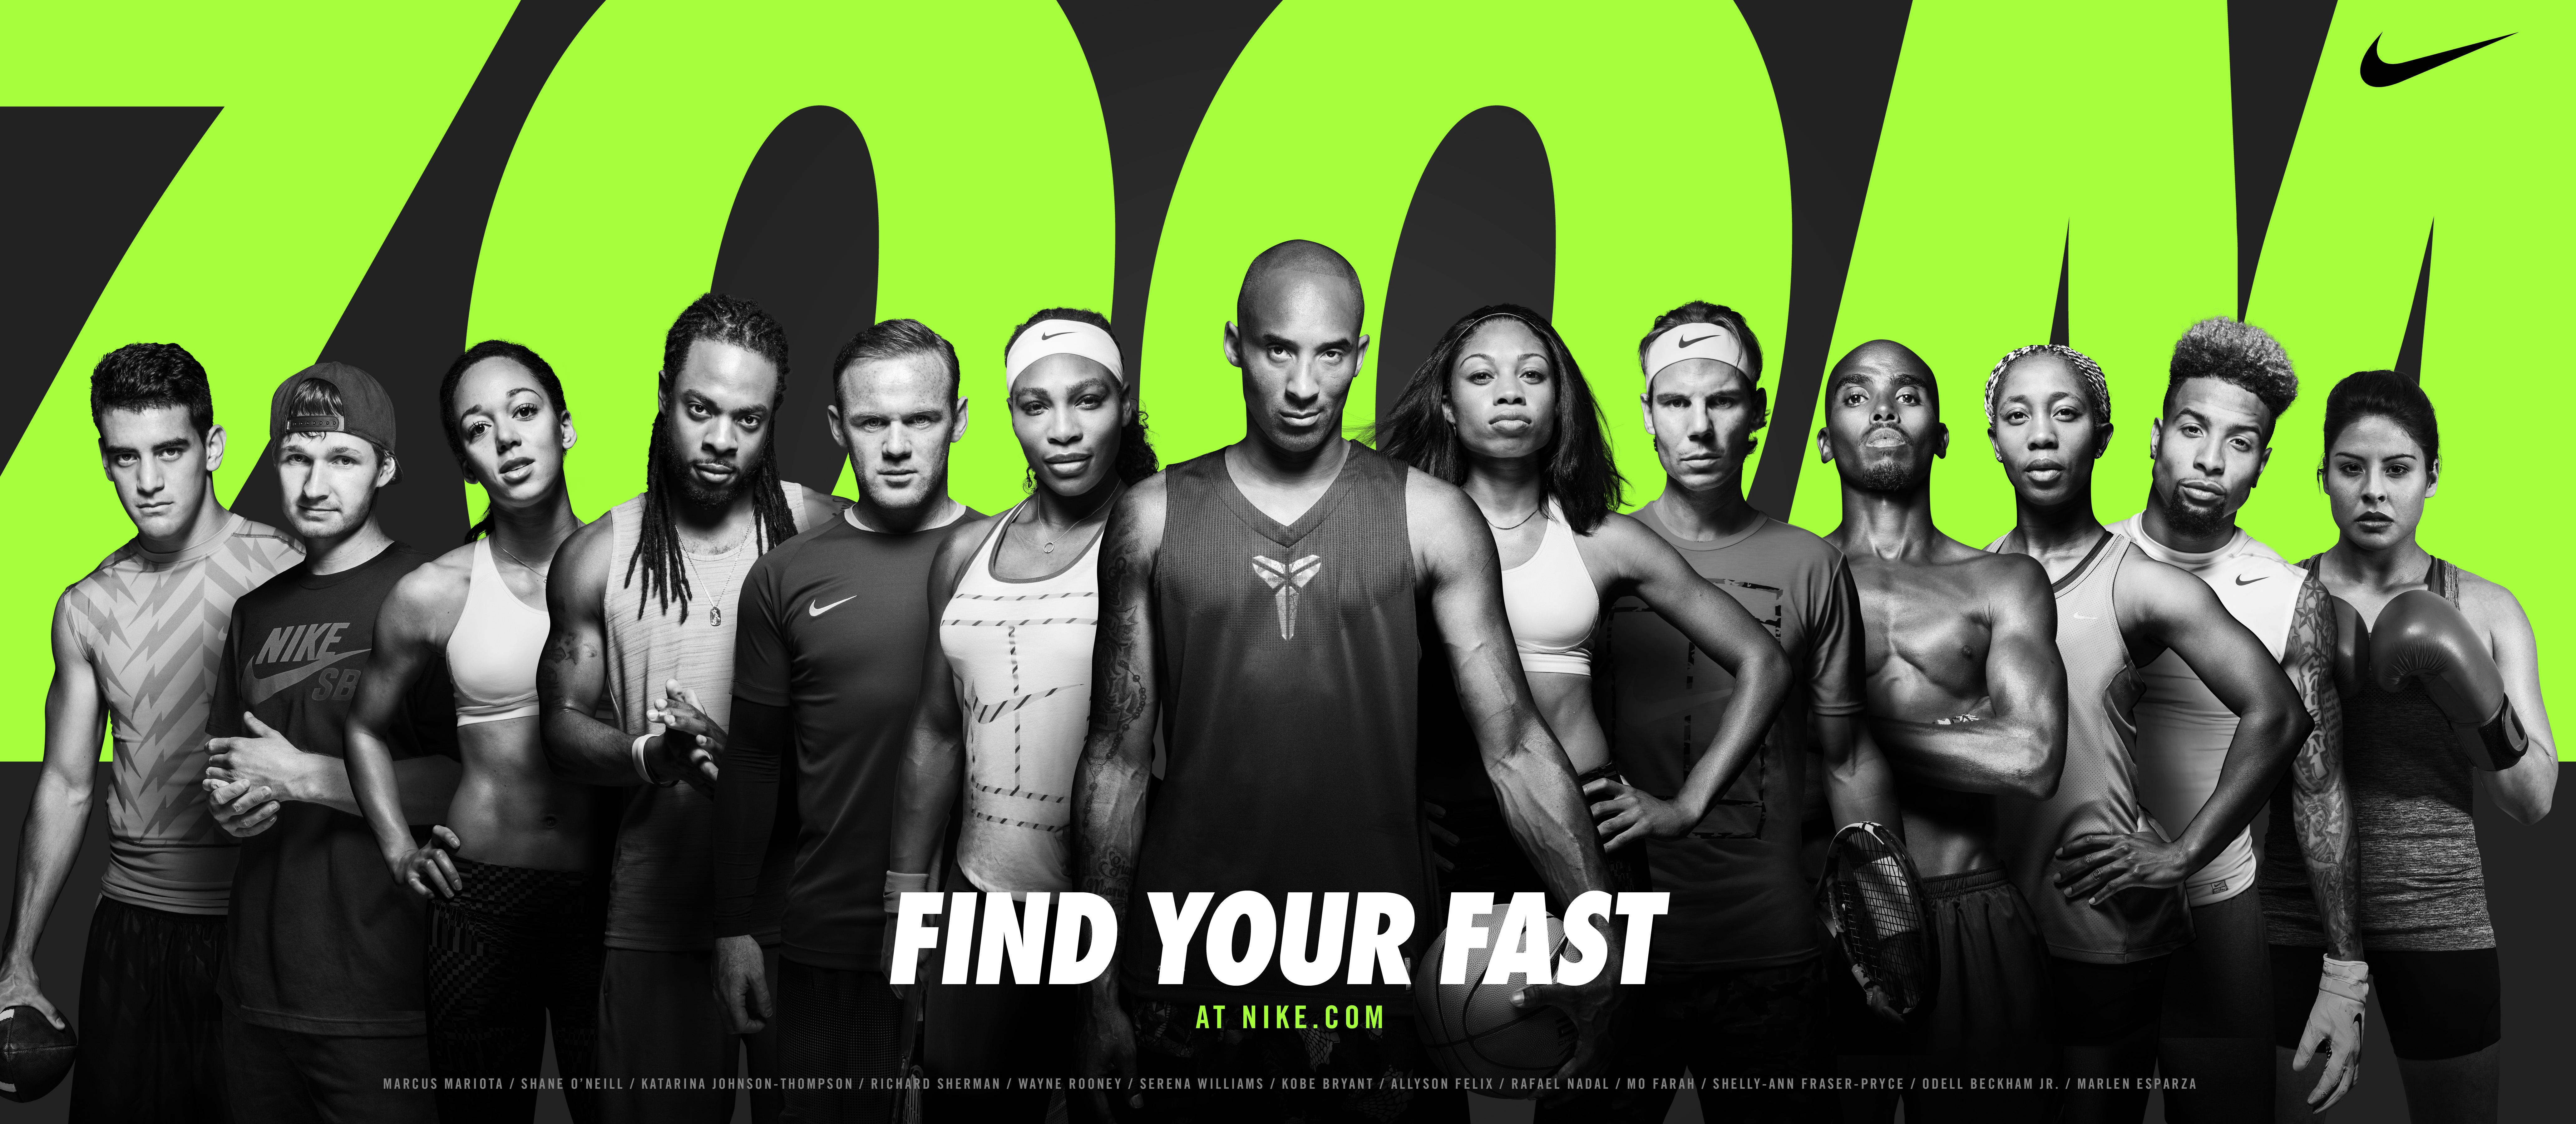 Nike presenta So Fast, la campaña más rápida de la marca